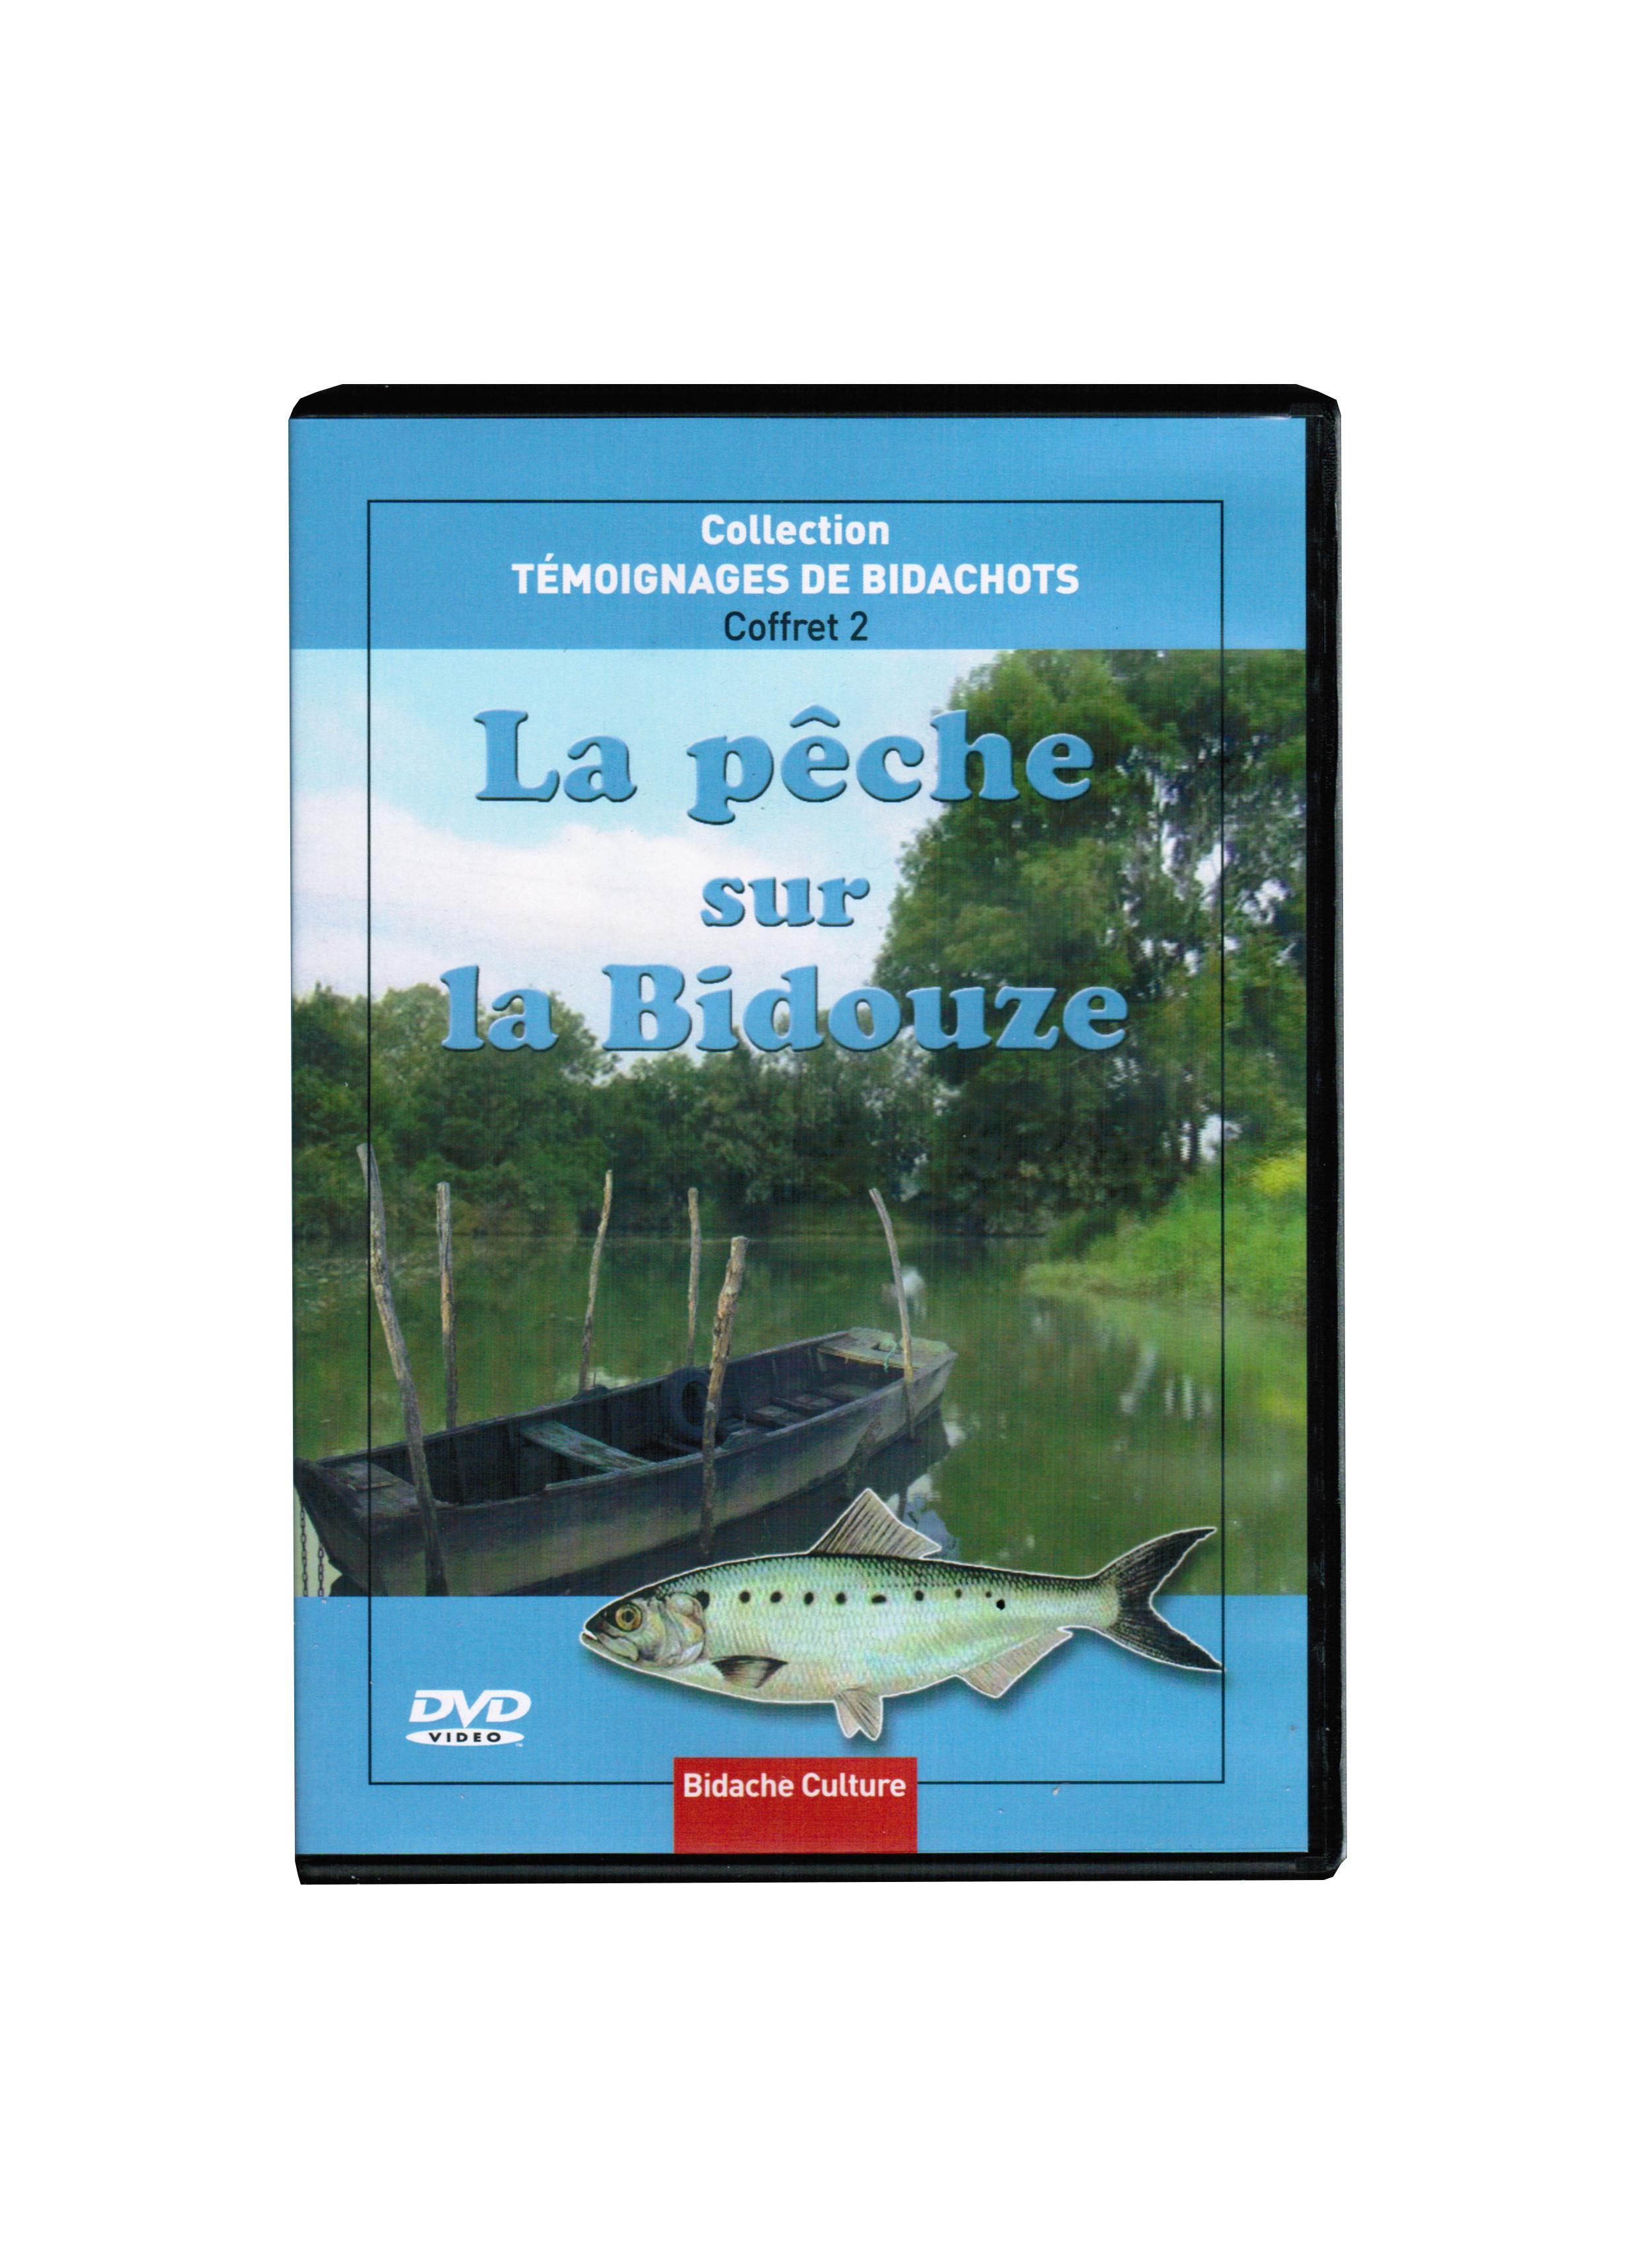 La pêche sur la Bidouze